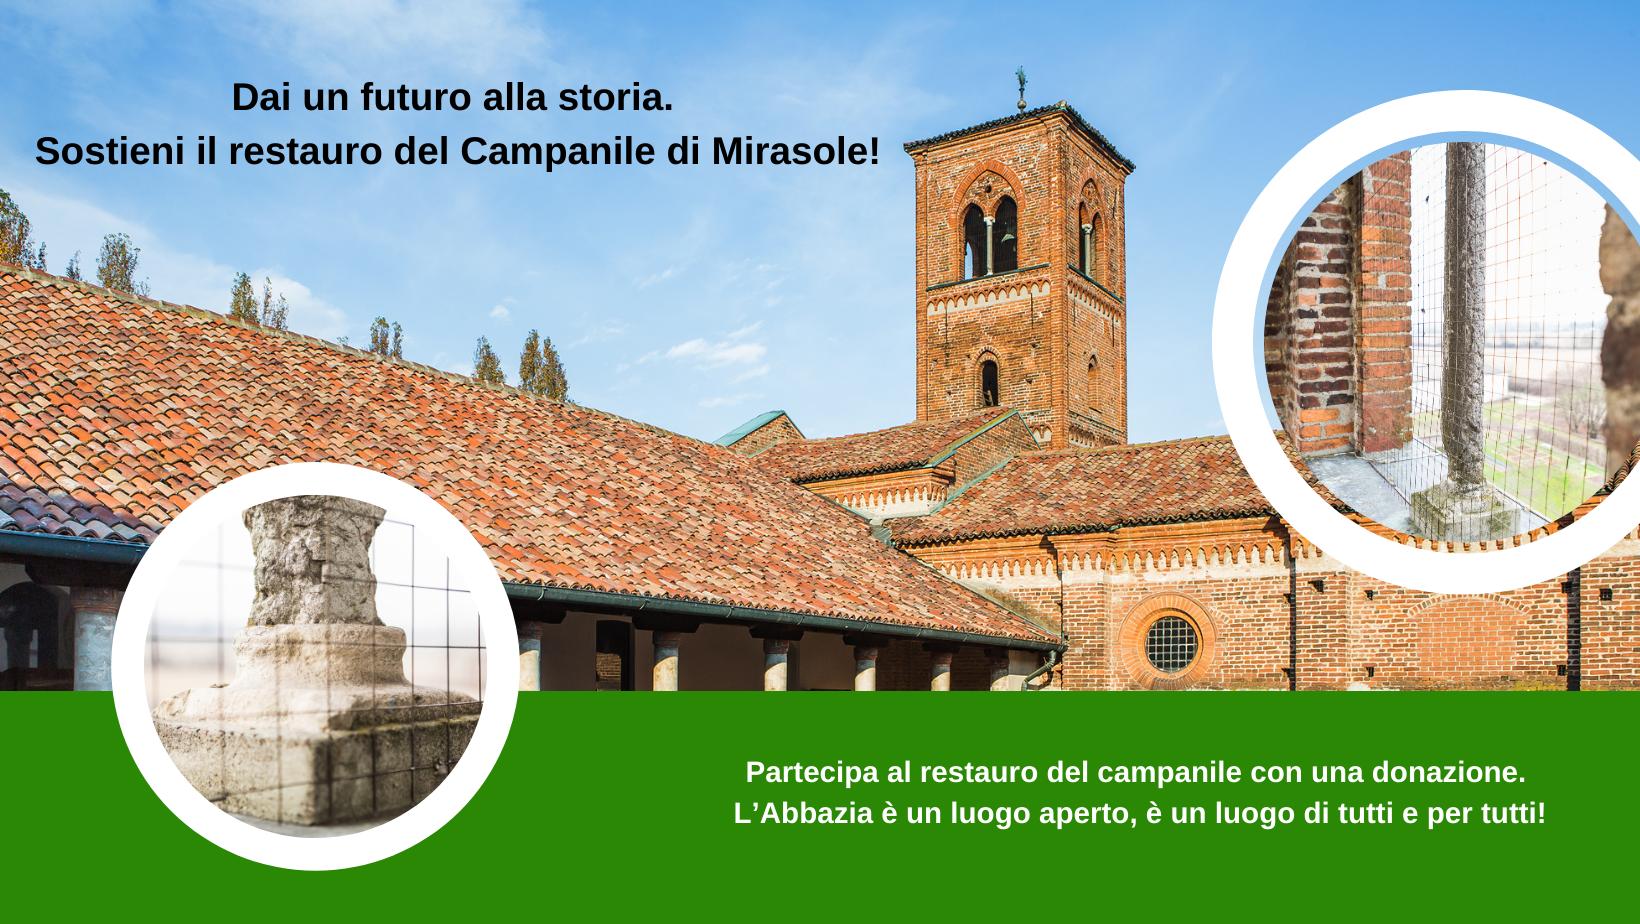 Dai un Futuro alla Storia. Sostieni il restauro del campanile di Mirasole